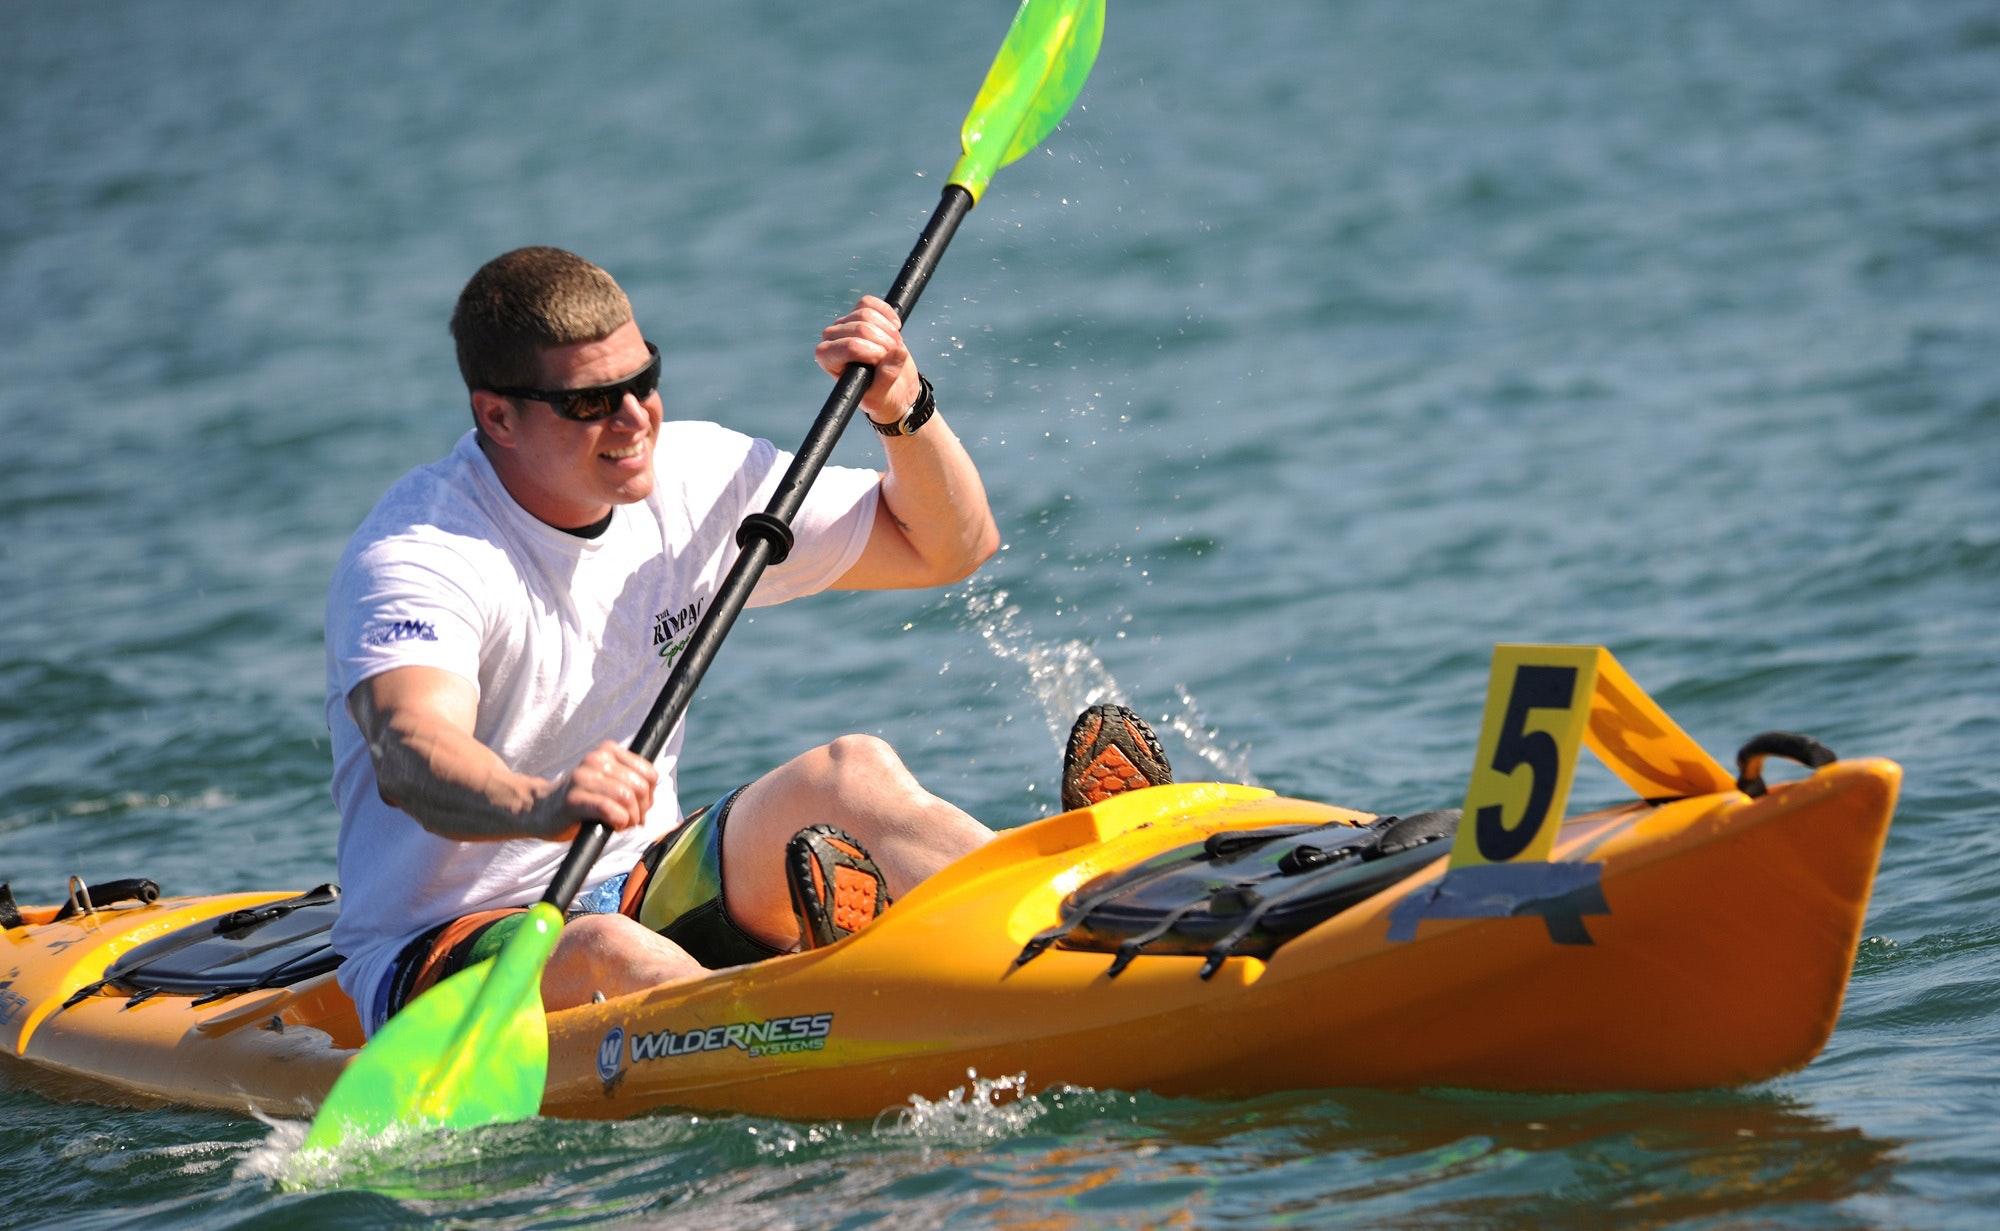 Smiling man in white crew neck t shirt wearing sunglasses paddling on yellow kayak during daytime photo